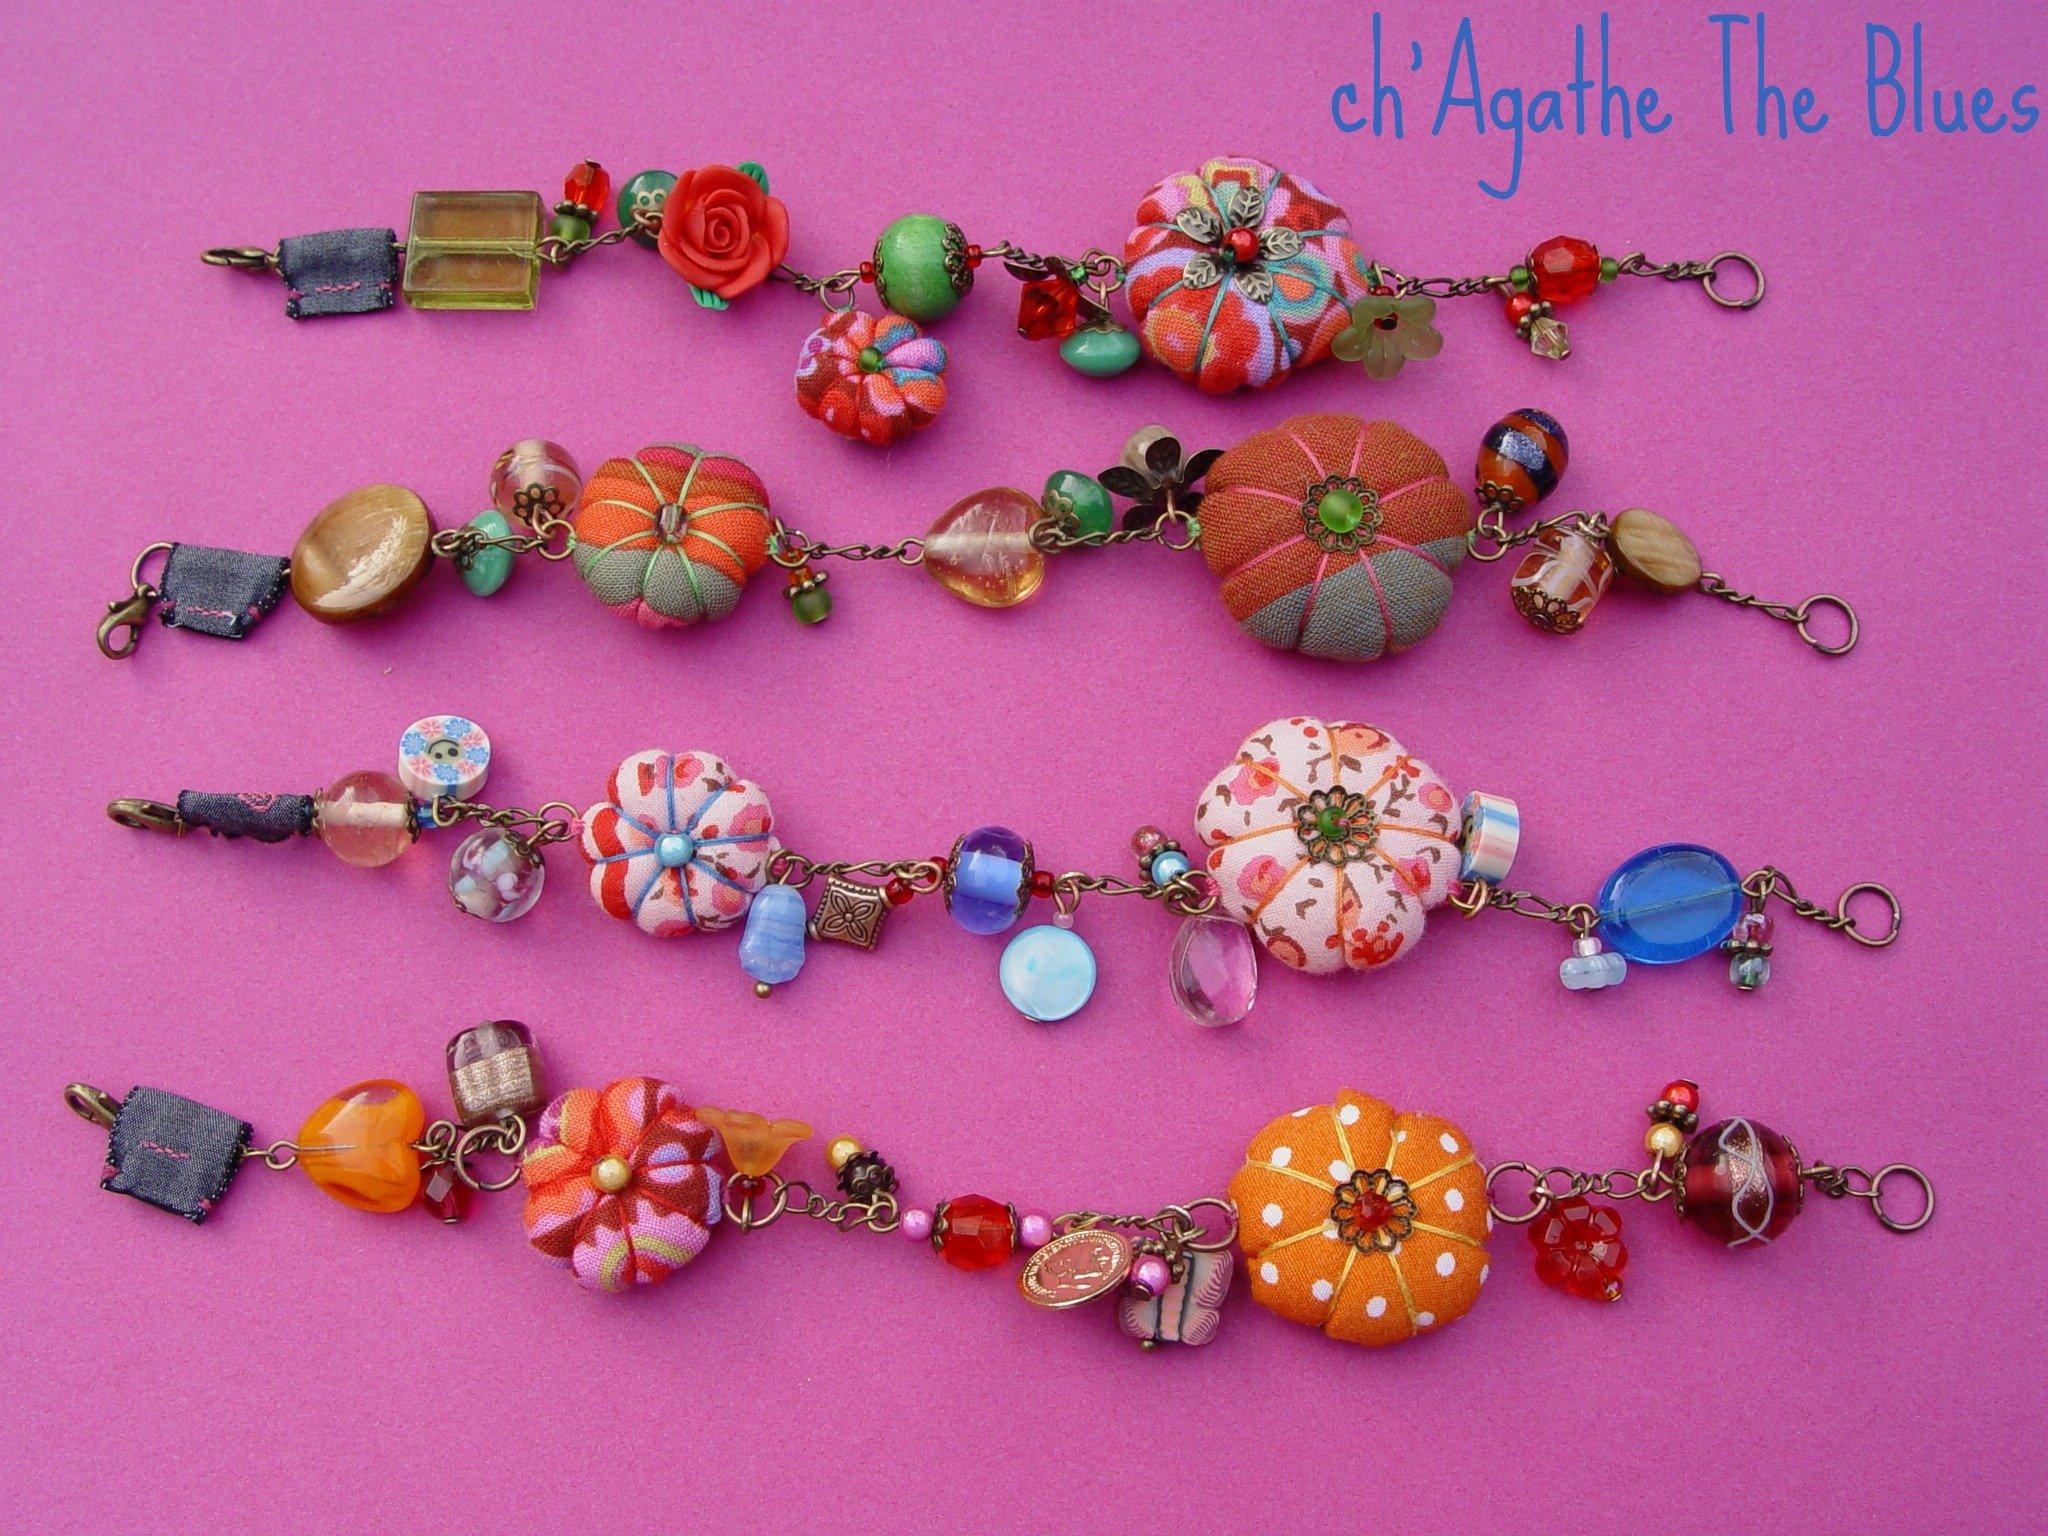 Bracelets tissus breloques originaux at ch agathe the blues - Bracelets bresiliens originaux ...